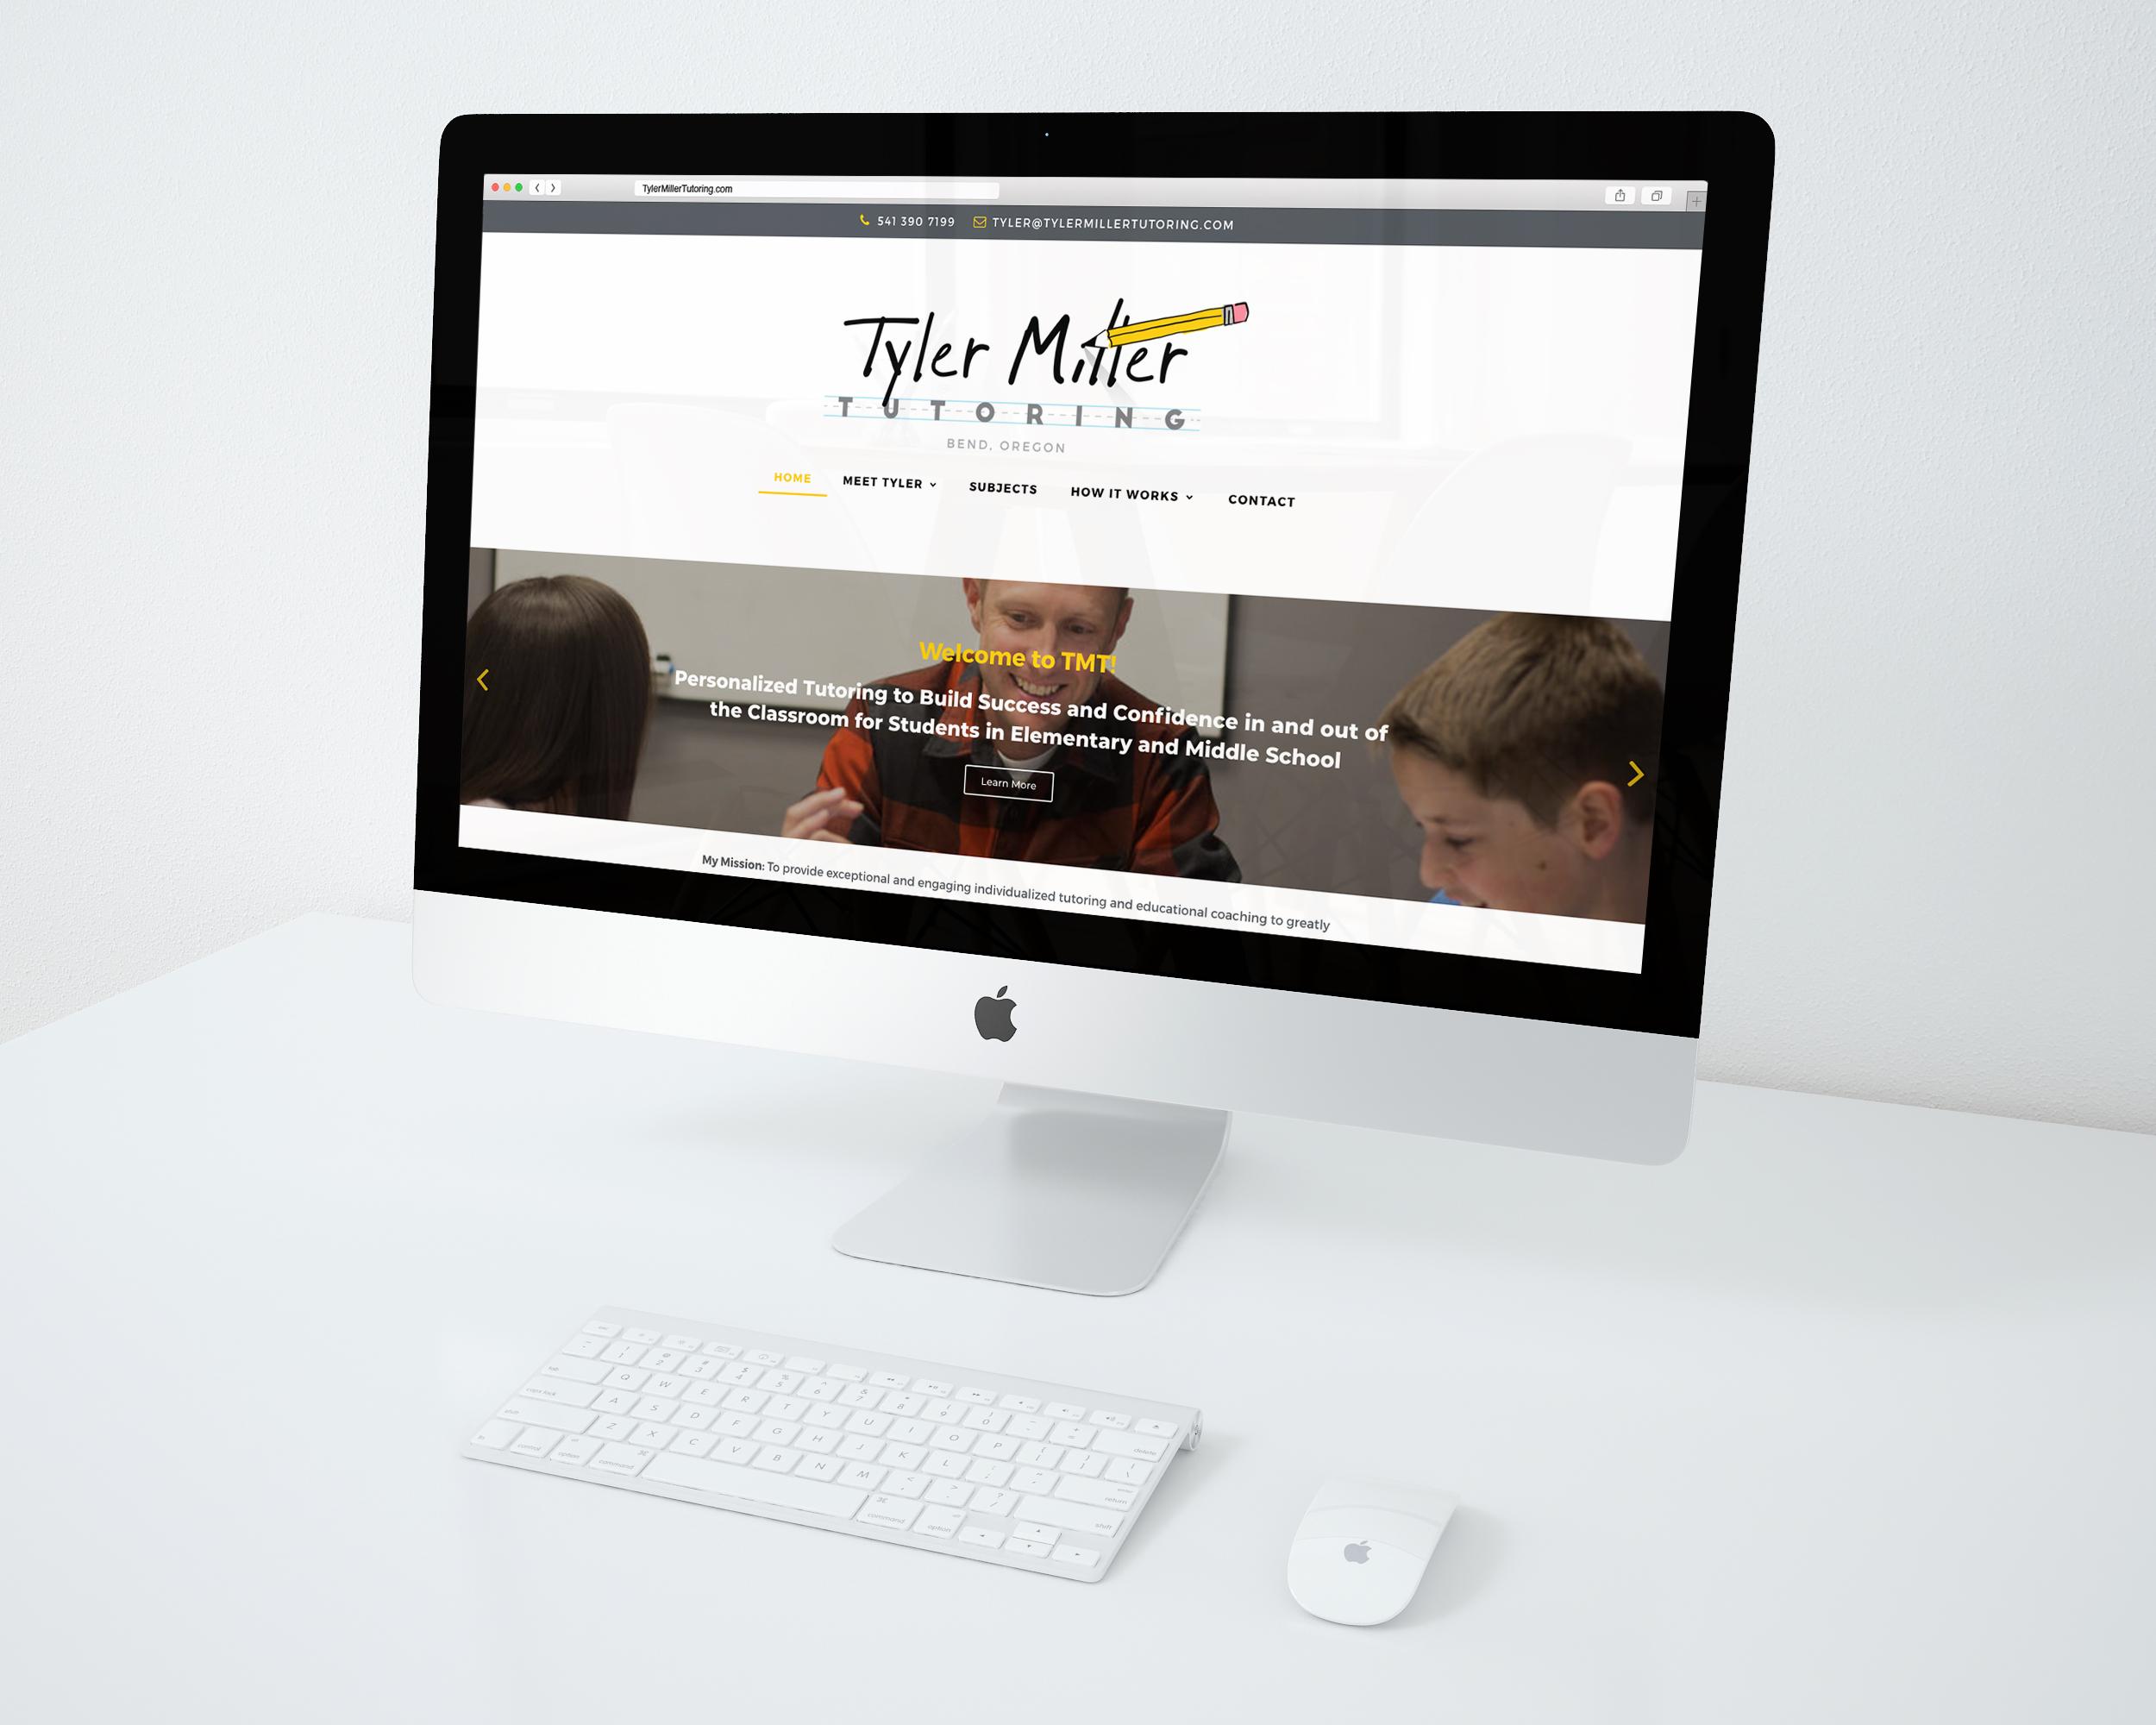 Tyler-Miller-Tutoring_website-design